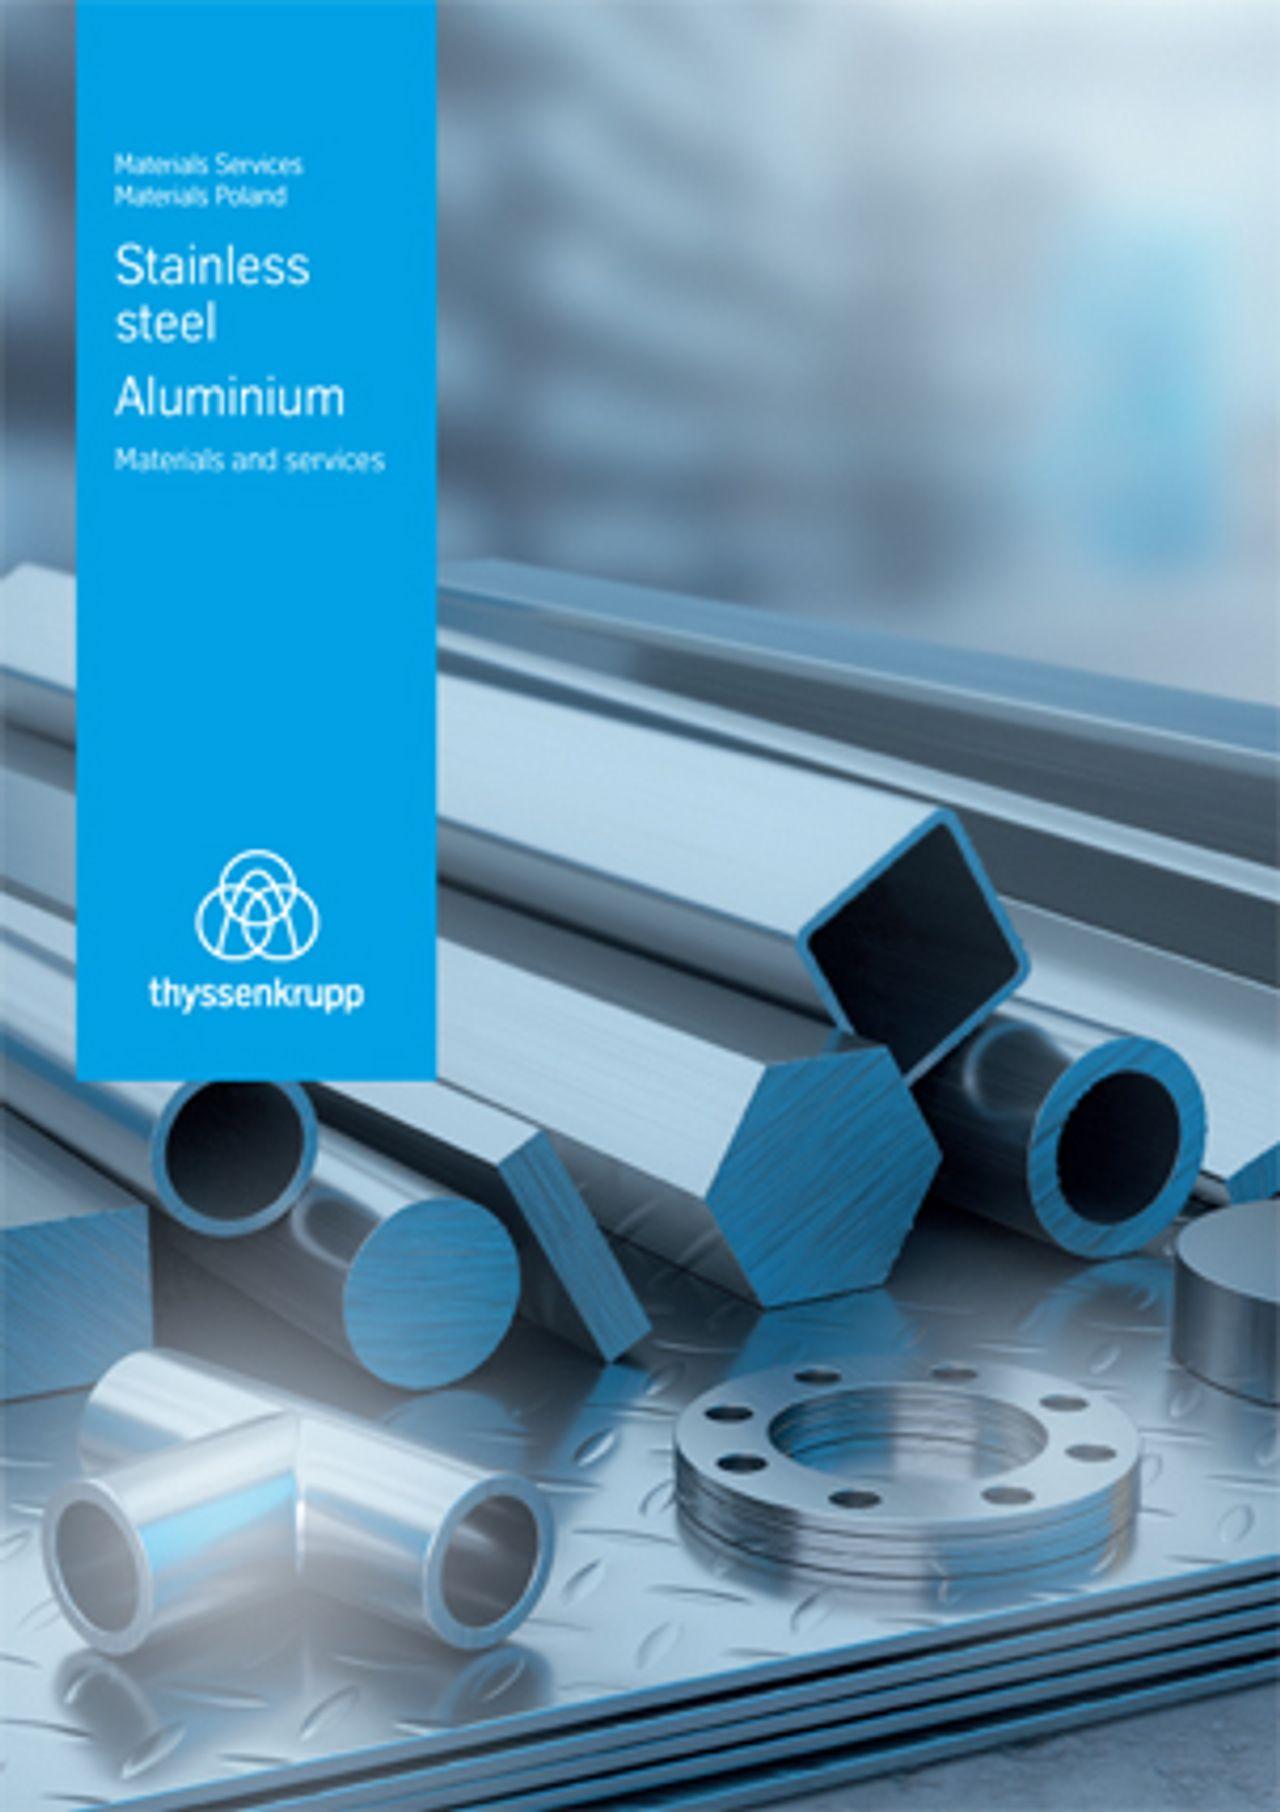 Stainless steel. Aluminium